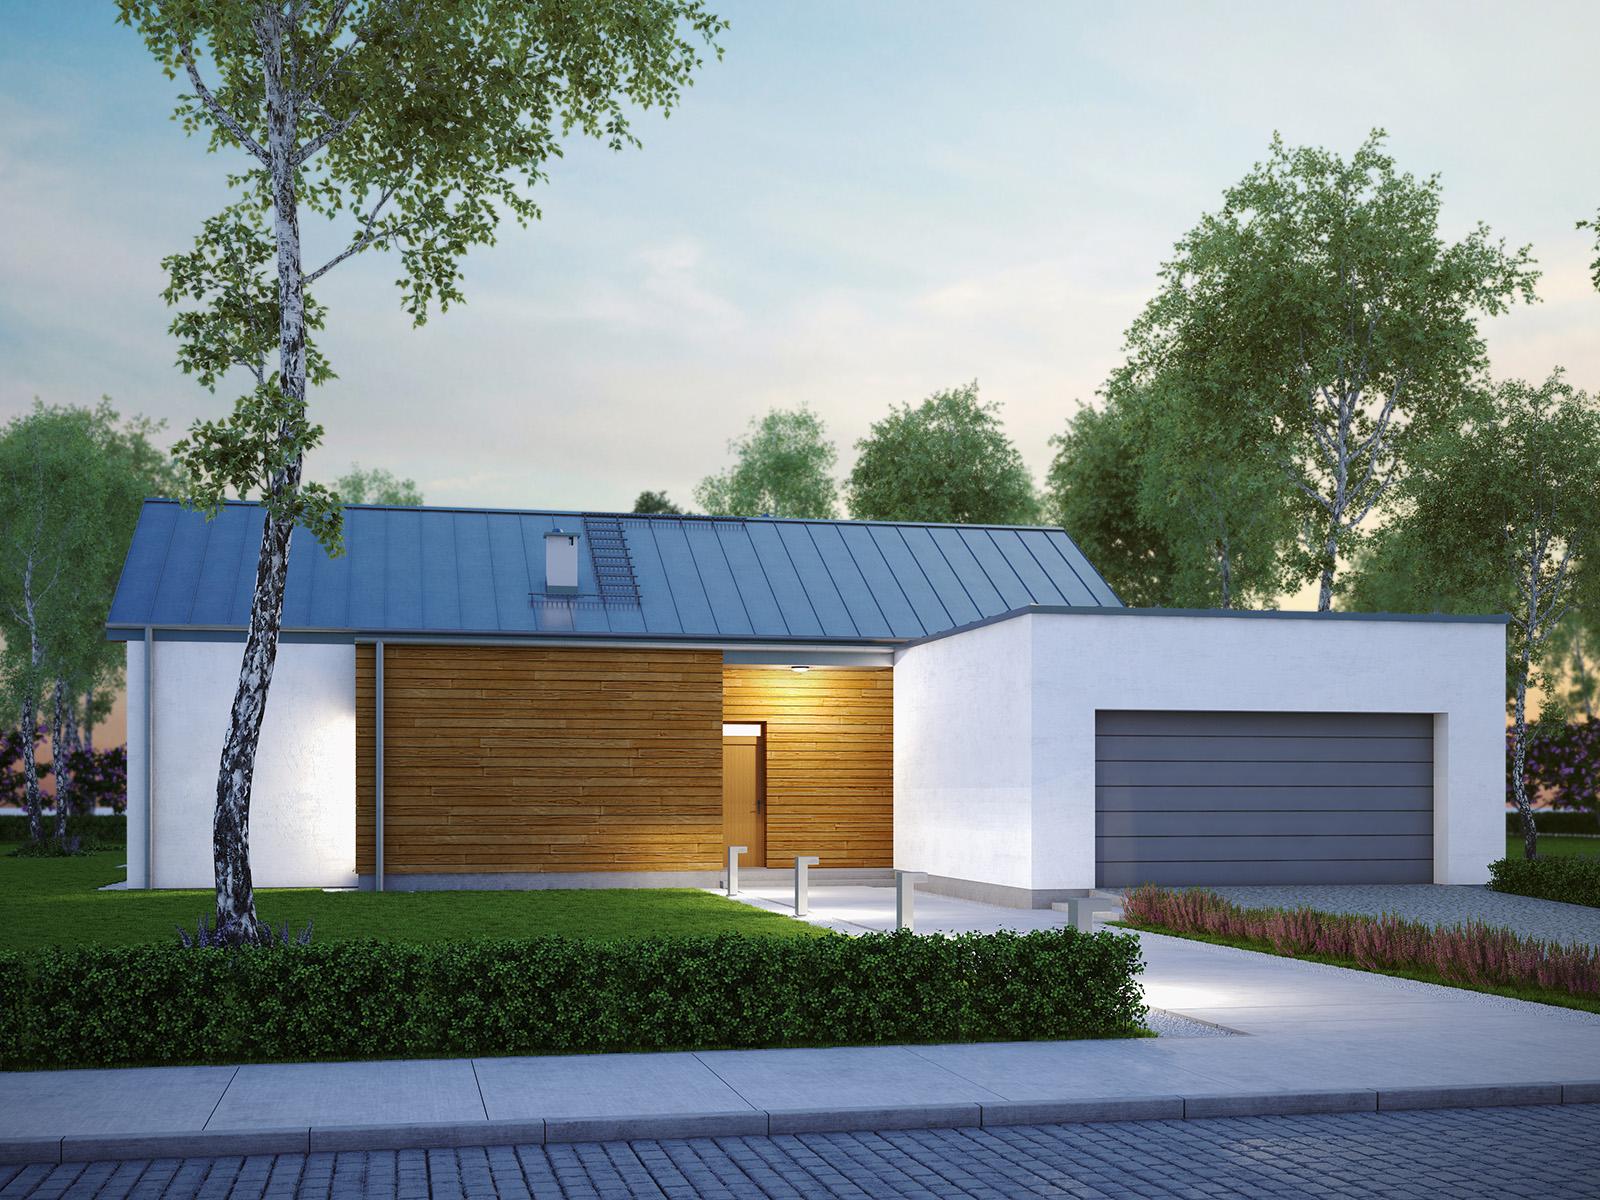 Projekt domu NISKI Domy Czystej Energii widok od frontu